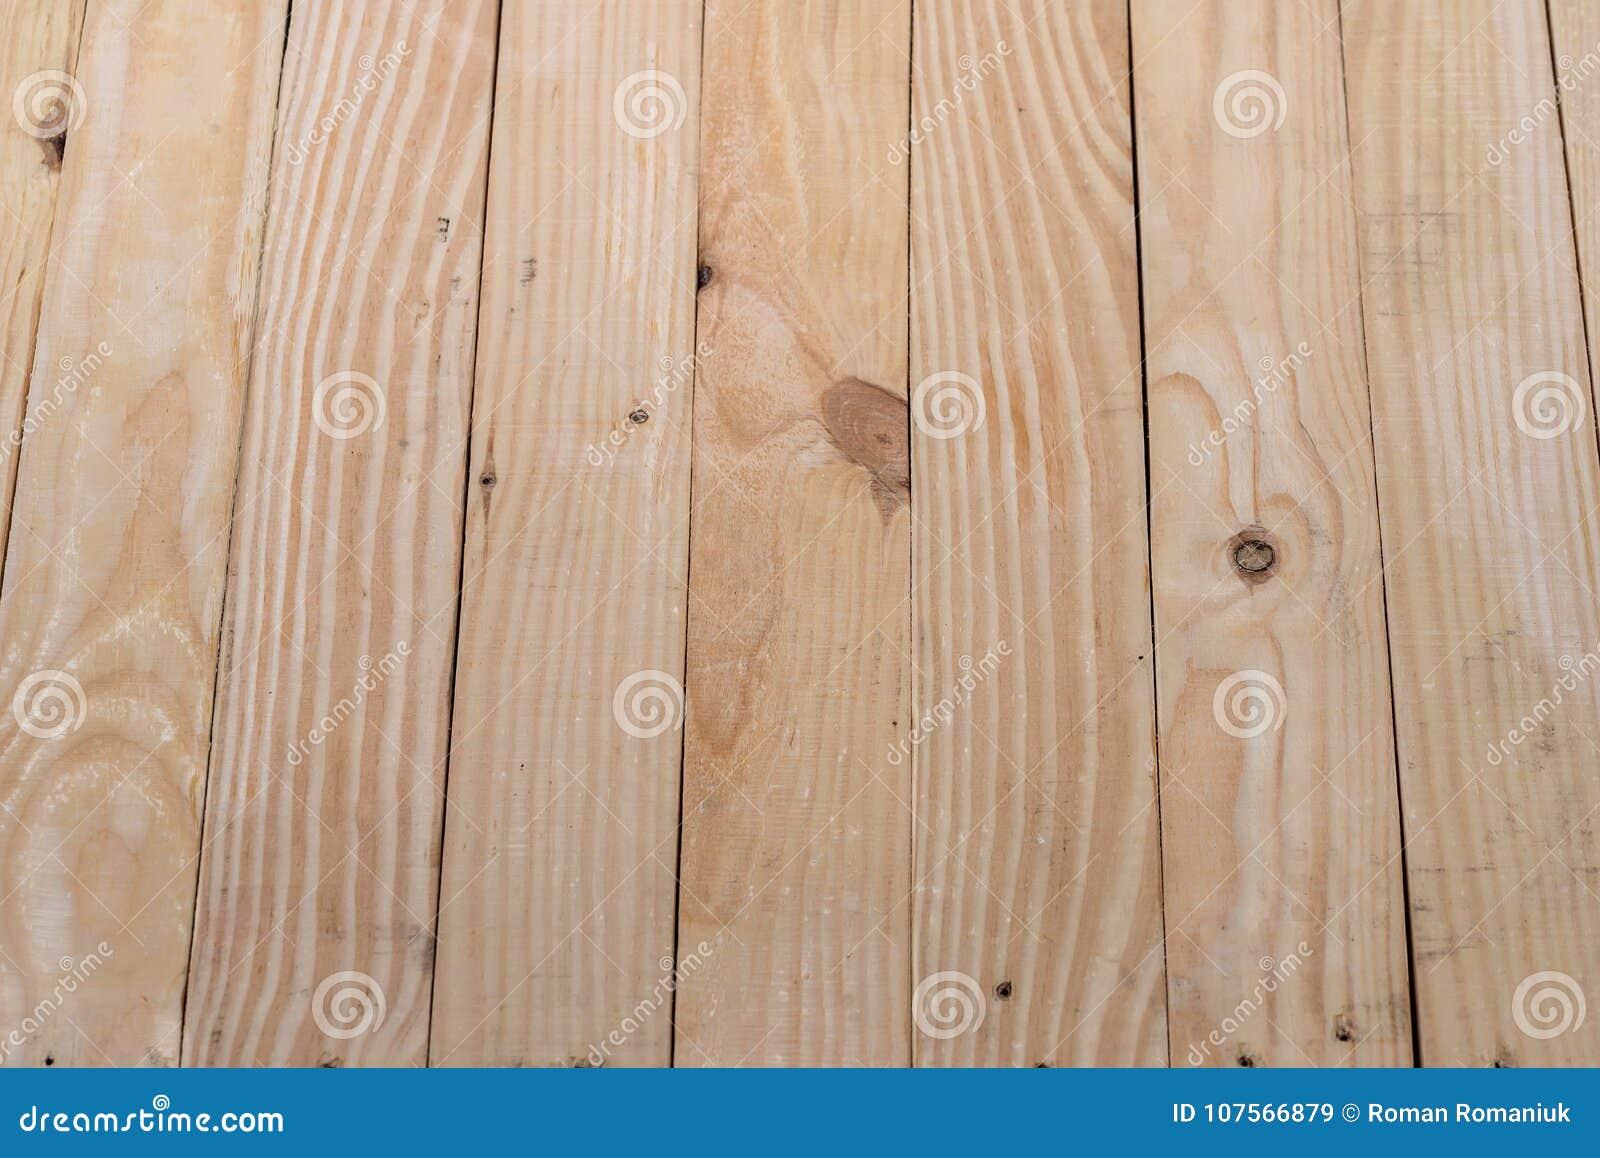 Helles Holz Als Beschaffenheit Oder Hintergrund Stockbild Bild Von